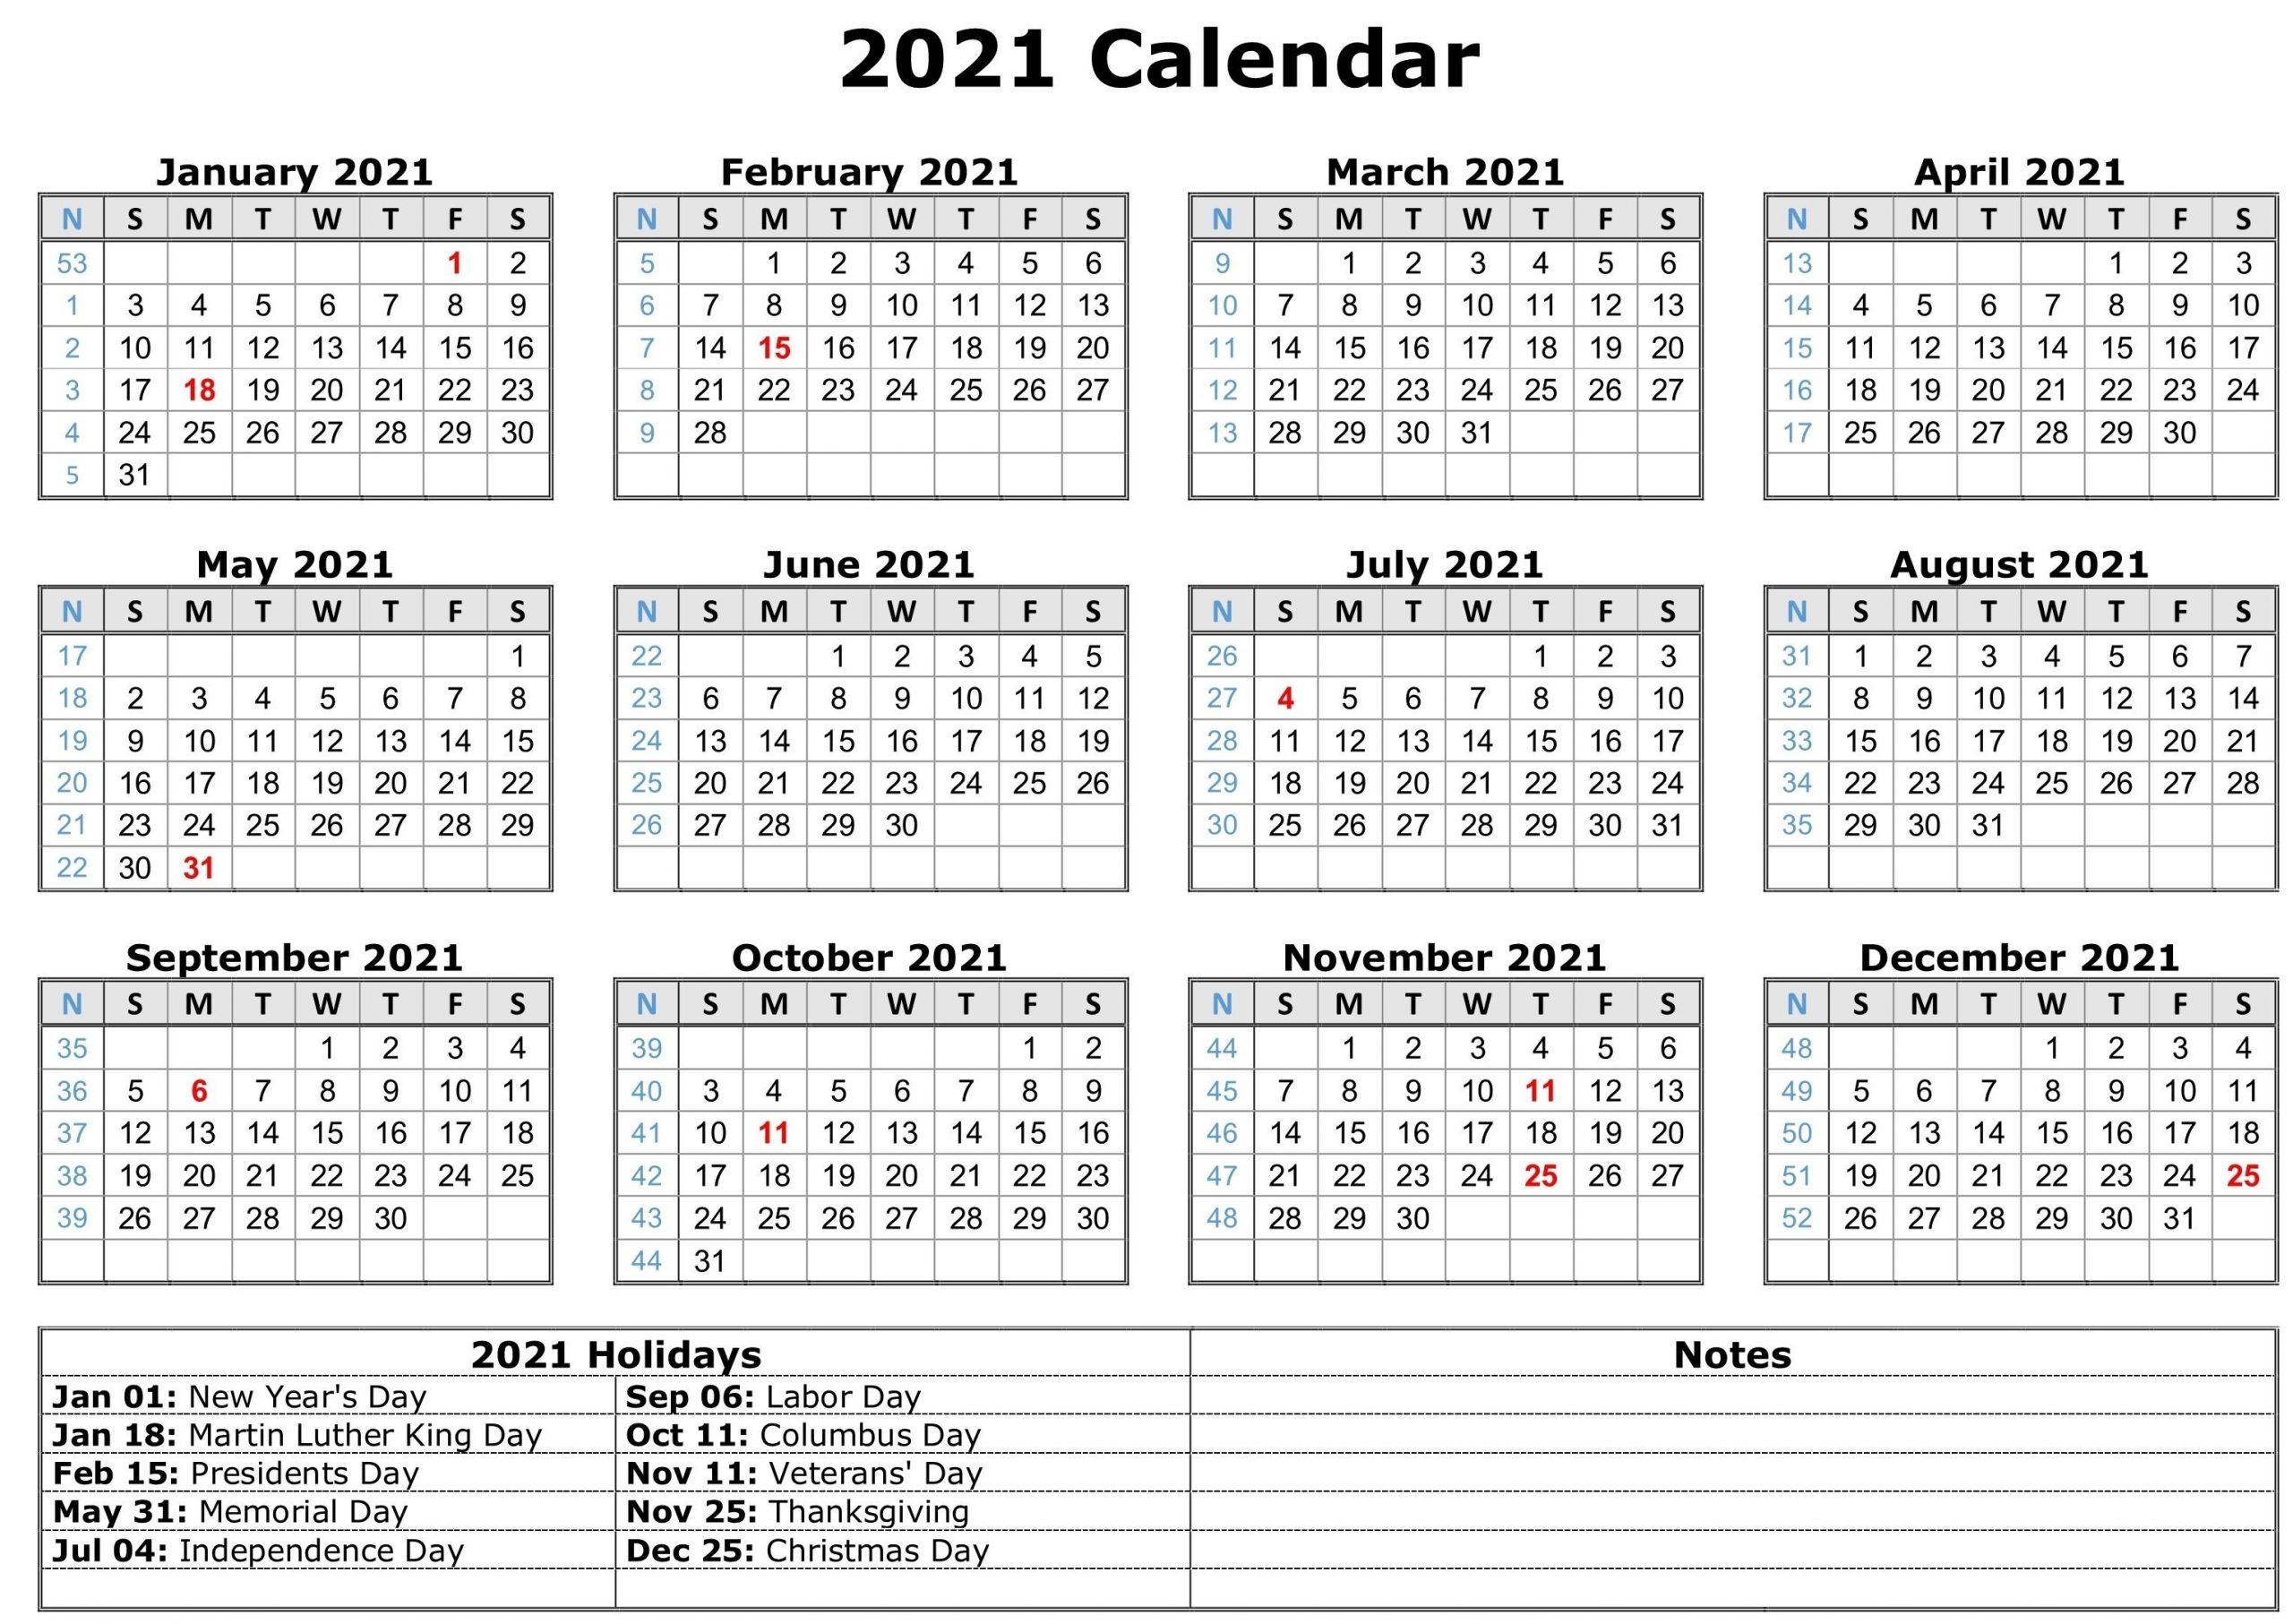 2021 Calendar With Holidays | Calendar Template, Free  Free 2021 Calendar Printable Free